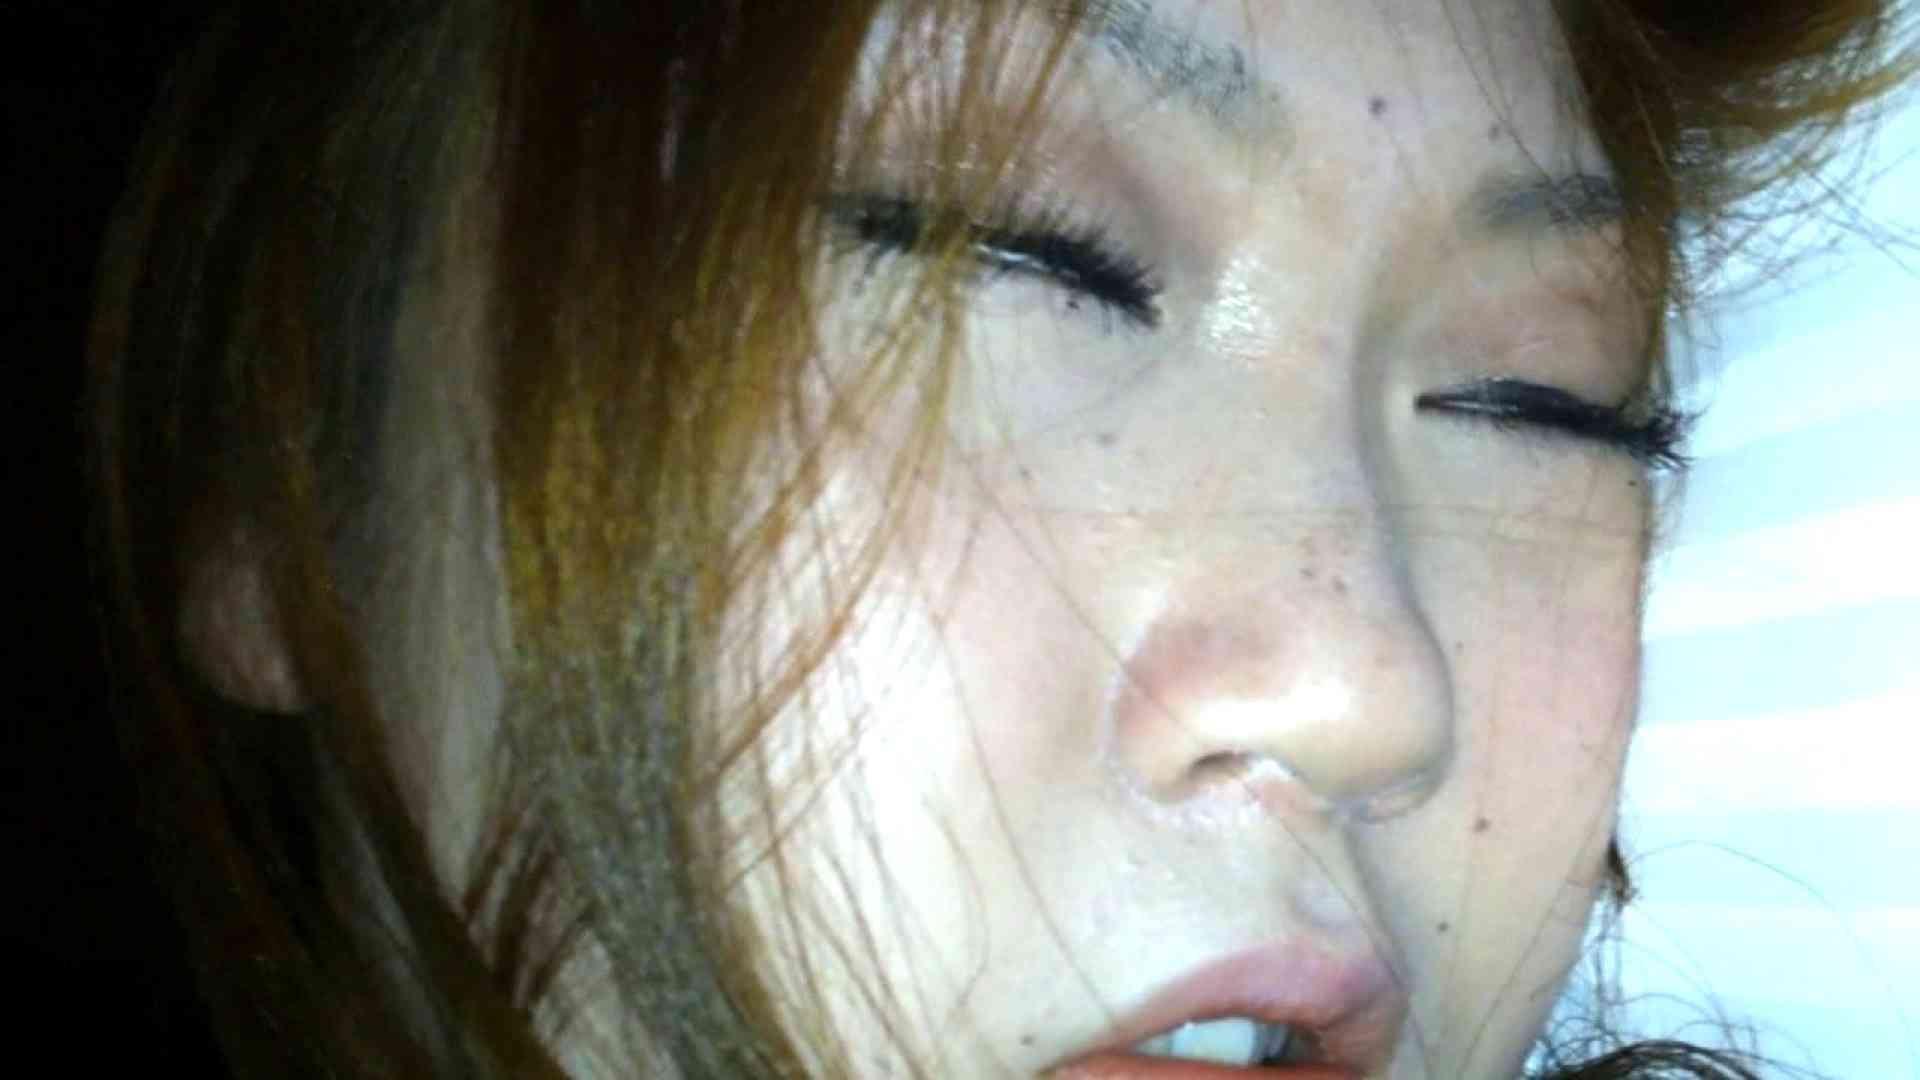 魔術師の お・も・て・な・し vol.11 19歳女子大生にホテルでイタズラ 前編 女子大生 隠し撮りおまんこ動画流出 103画像 47